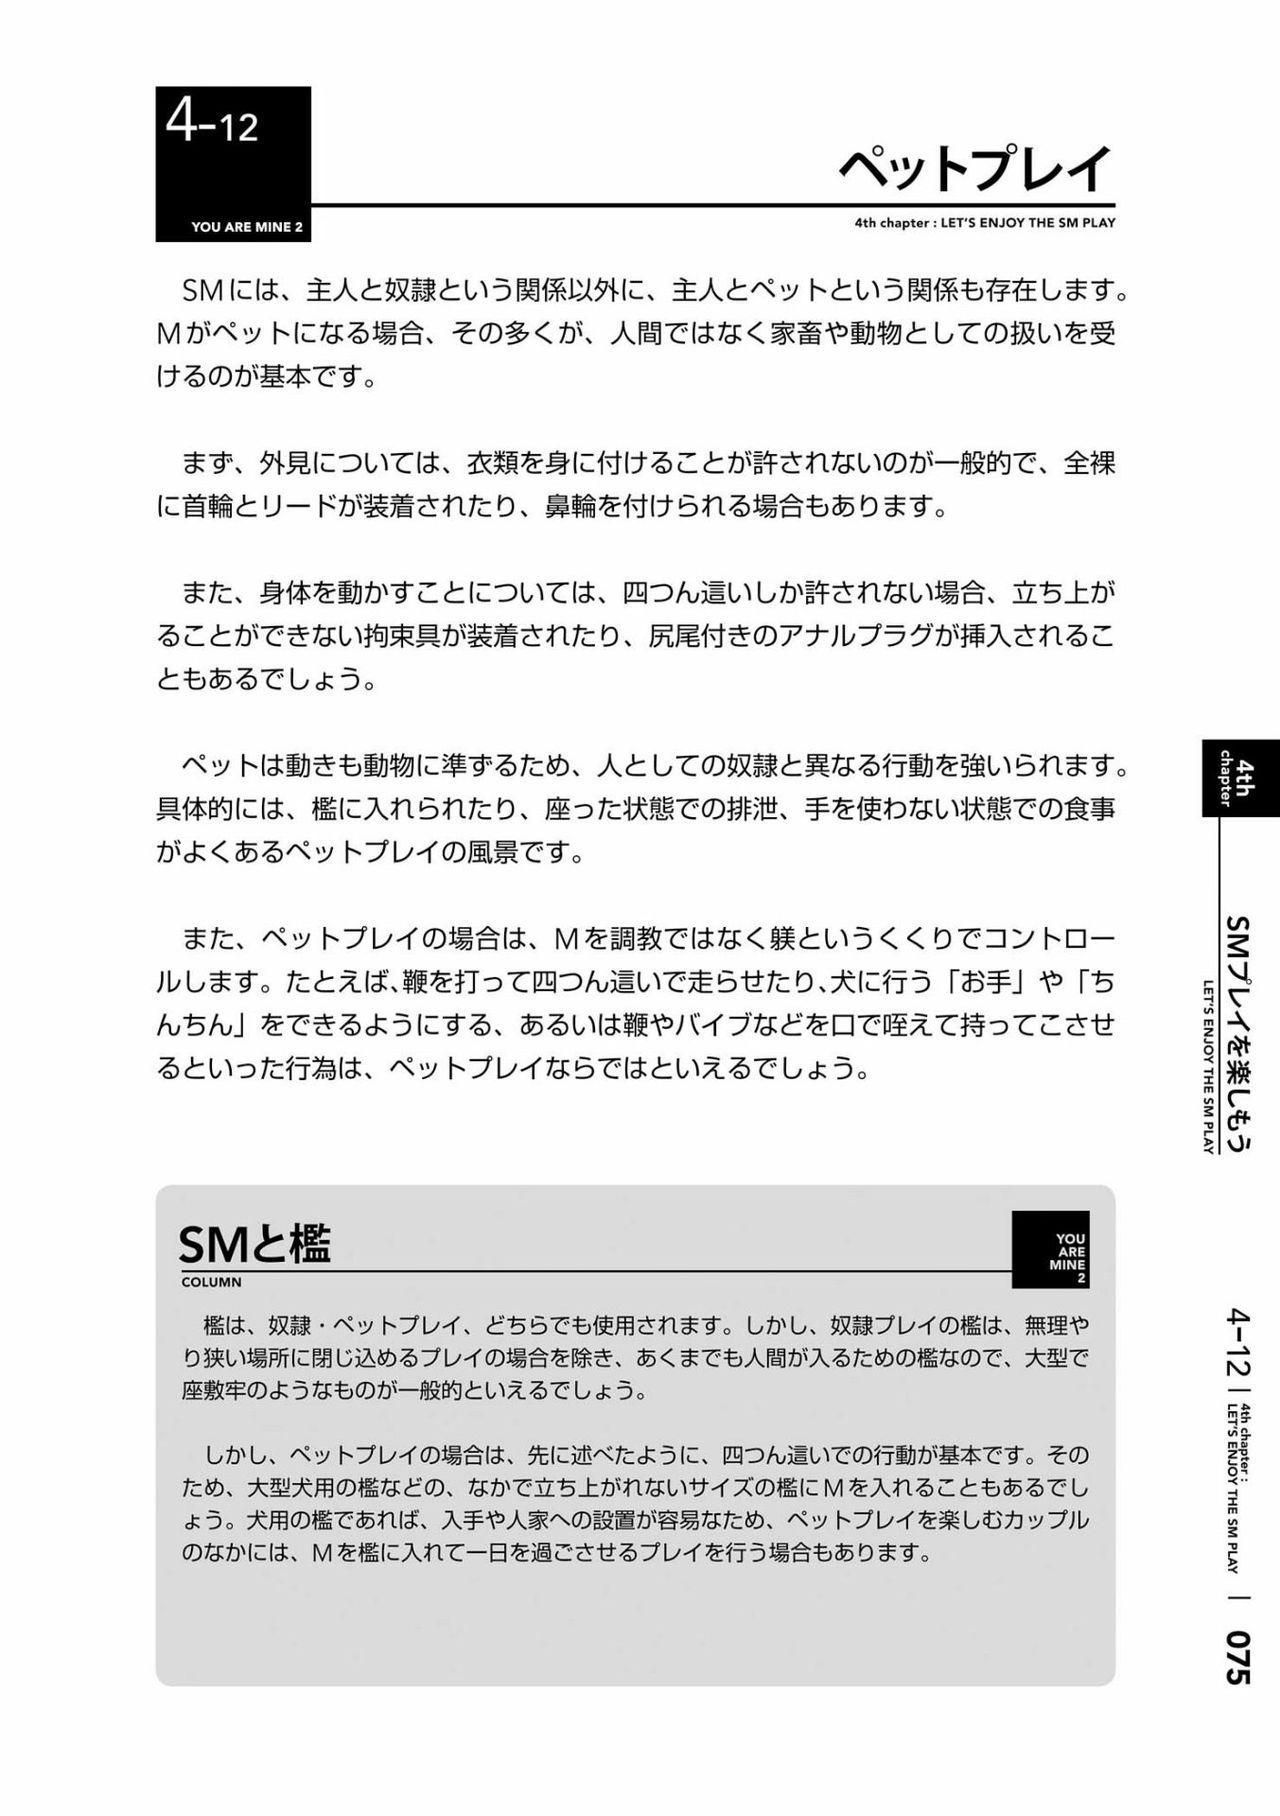 [Mitsuba] Karada mo Kokoro mo Boku no Mono ~Hajimete no SM Guide~ 2 [Digital] 77